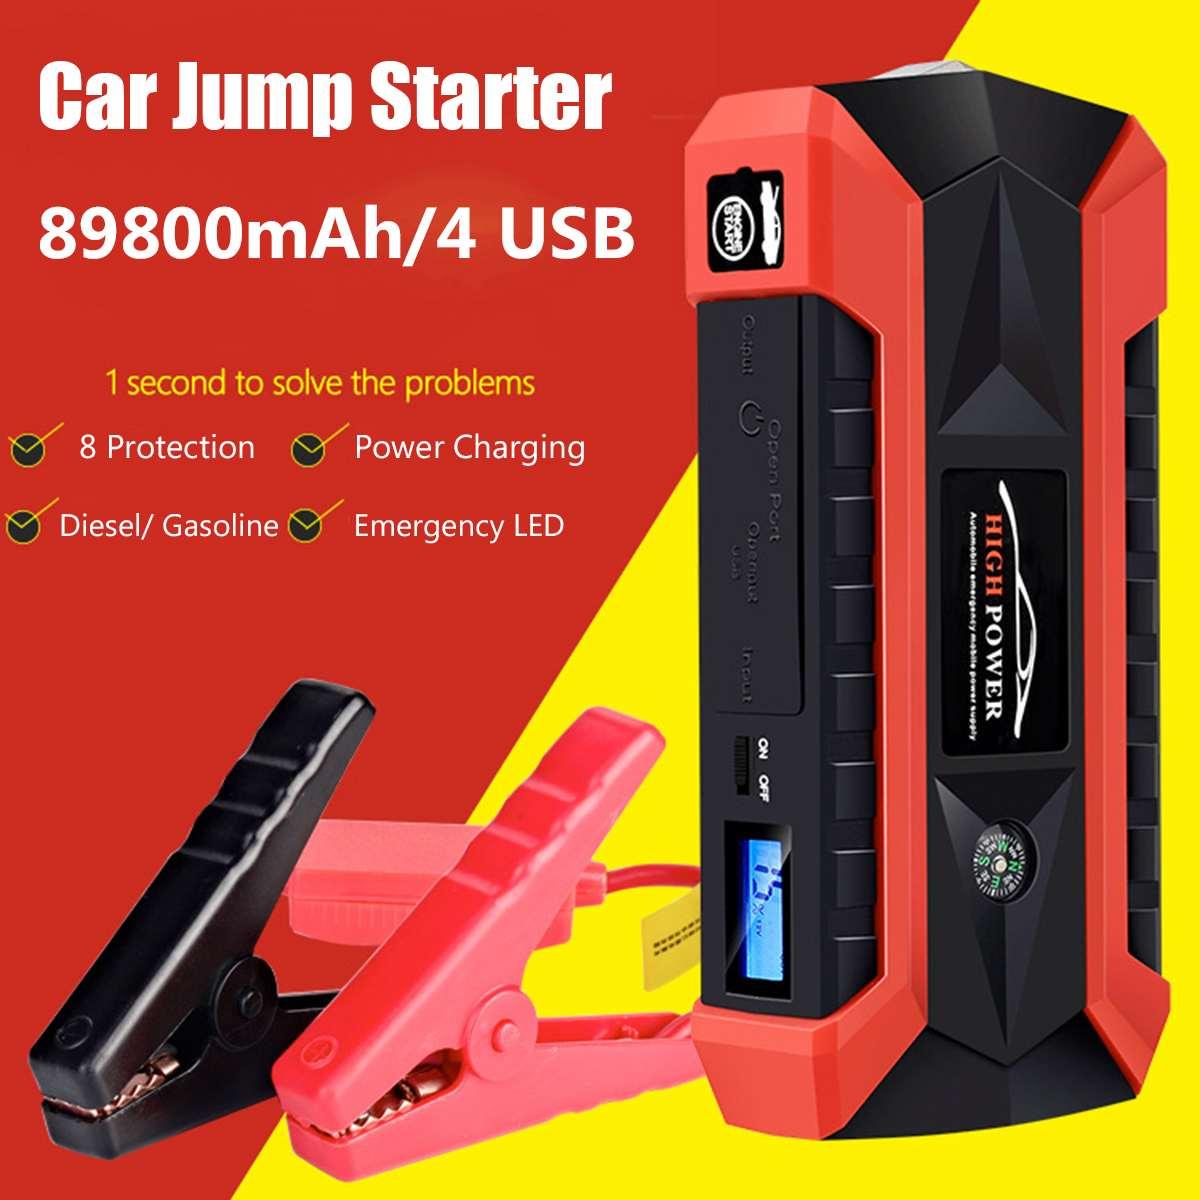 89800mAh 4USB 12V 600A LED démarreur de saut de voiture Portable chargeur de secours batterie batterie externe voiture Booster dispositif de démarrage étanche